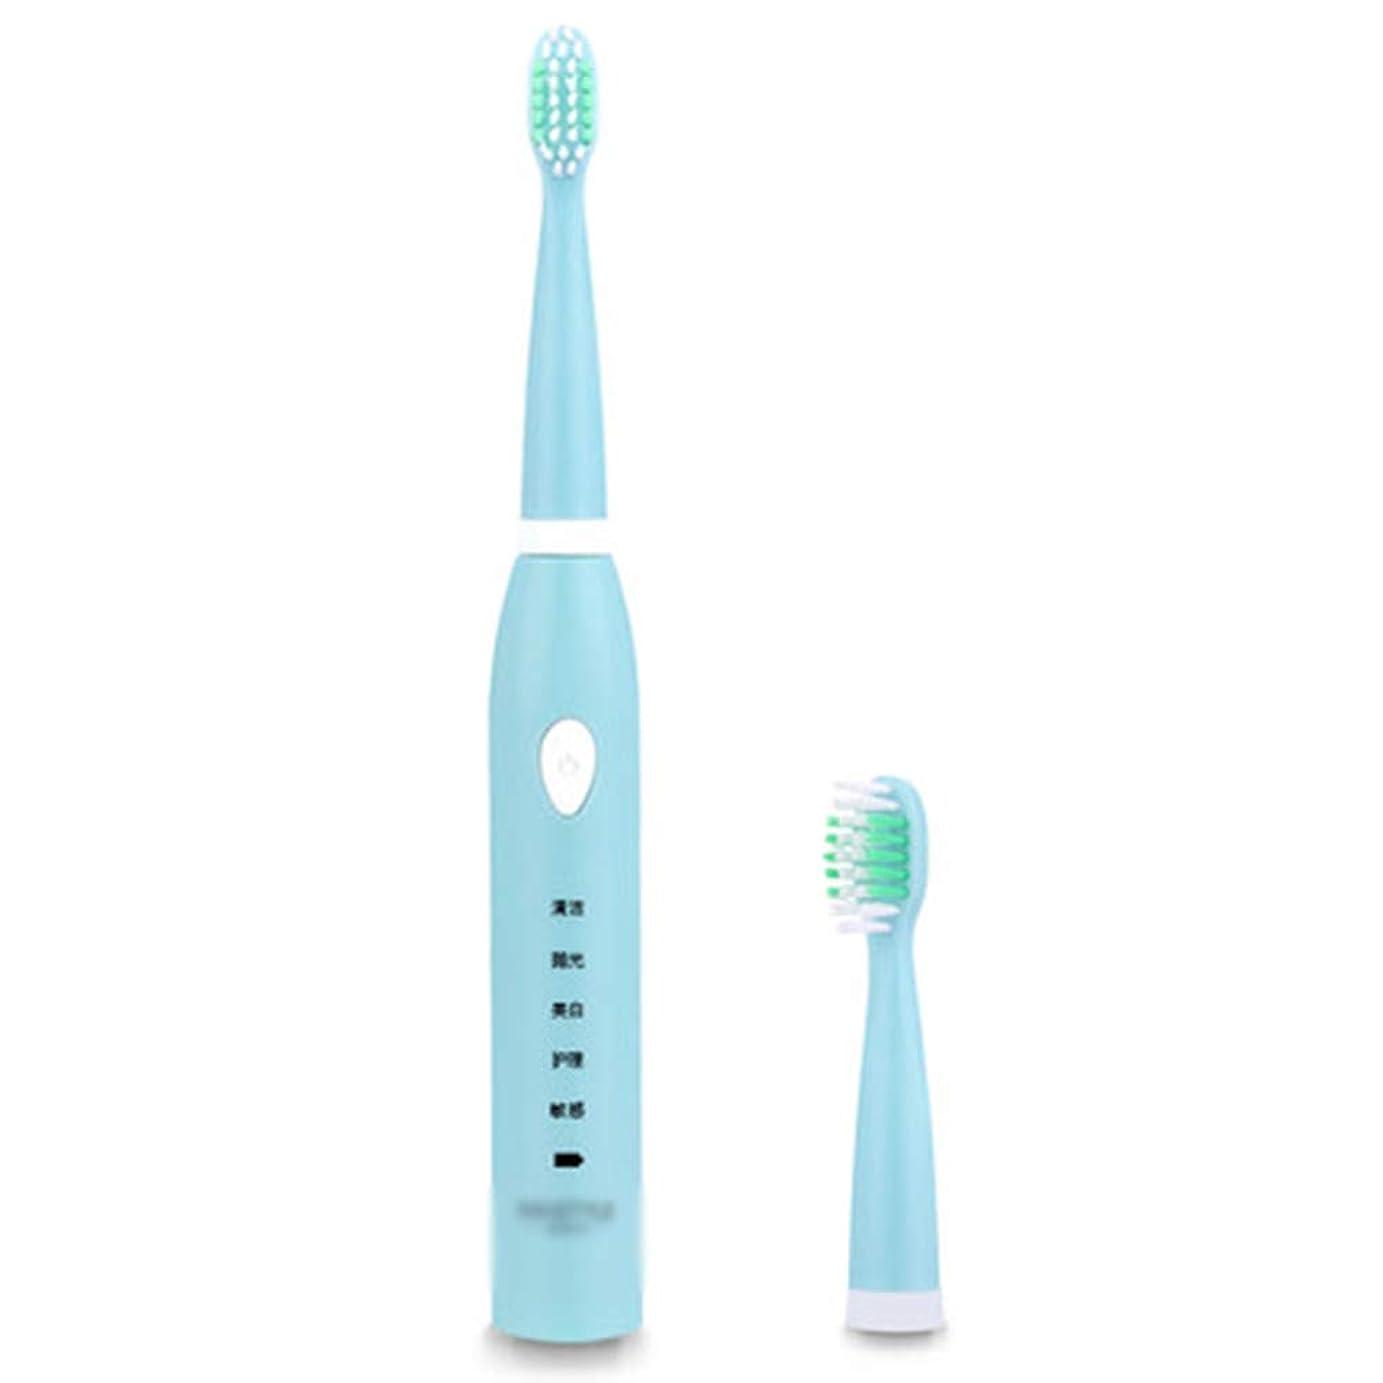 インストラクター休暇平らにする電動歯ブラシ、USB充電式歯ブラシ、交換用ヘッド1個、(5つのモード付き自動タイマー、IPX7防水),B